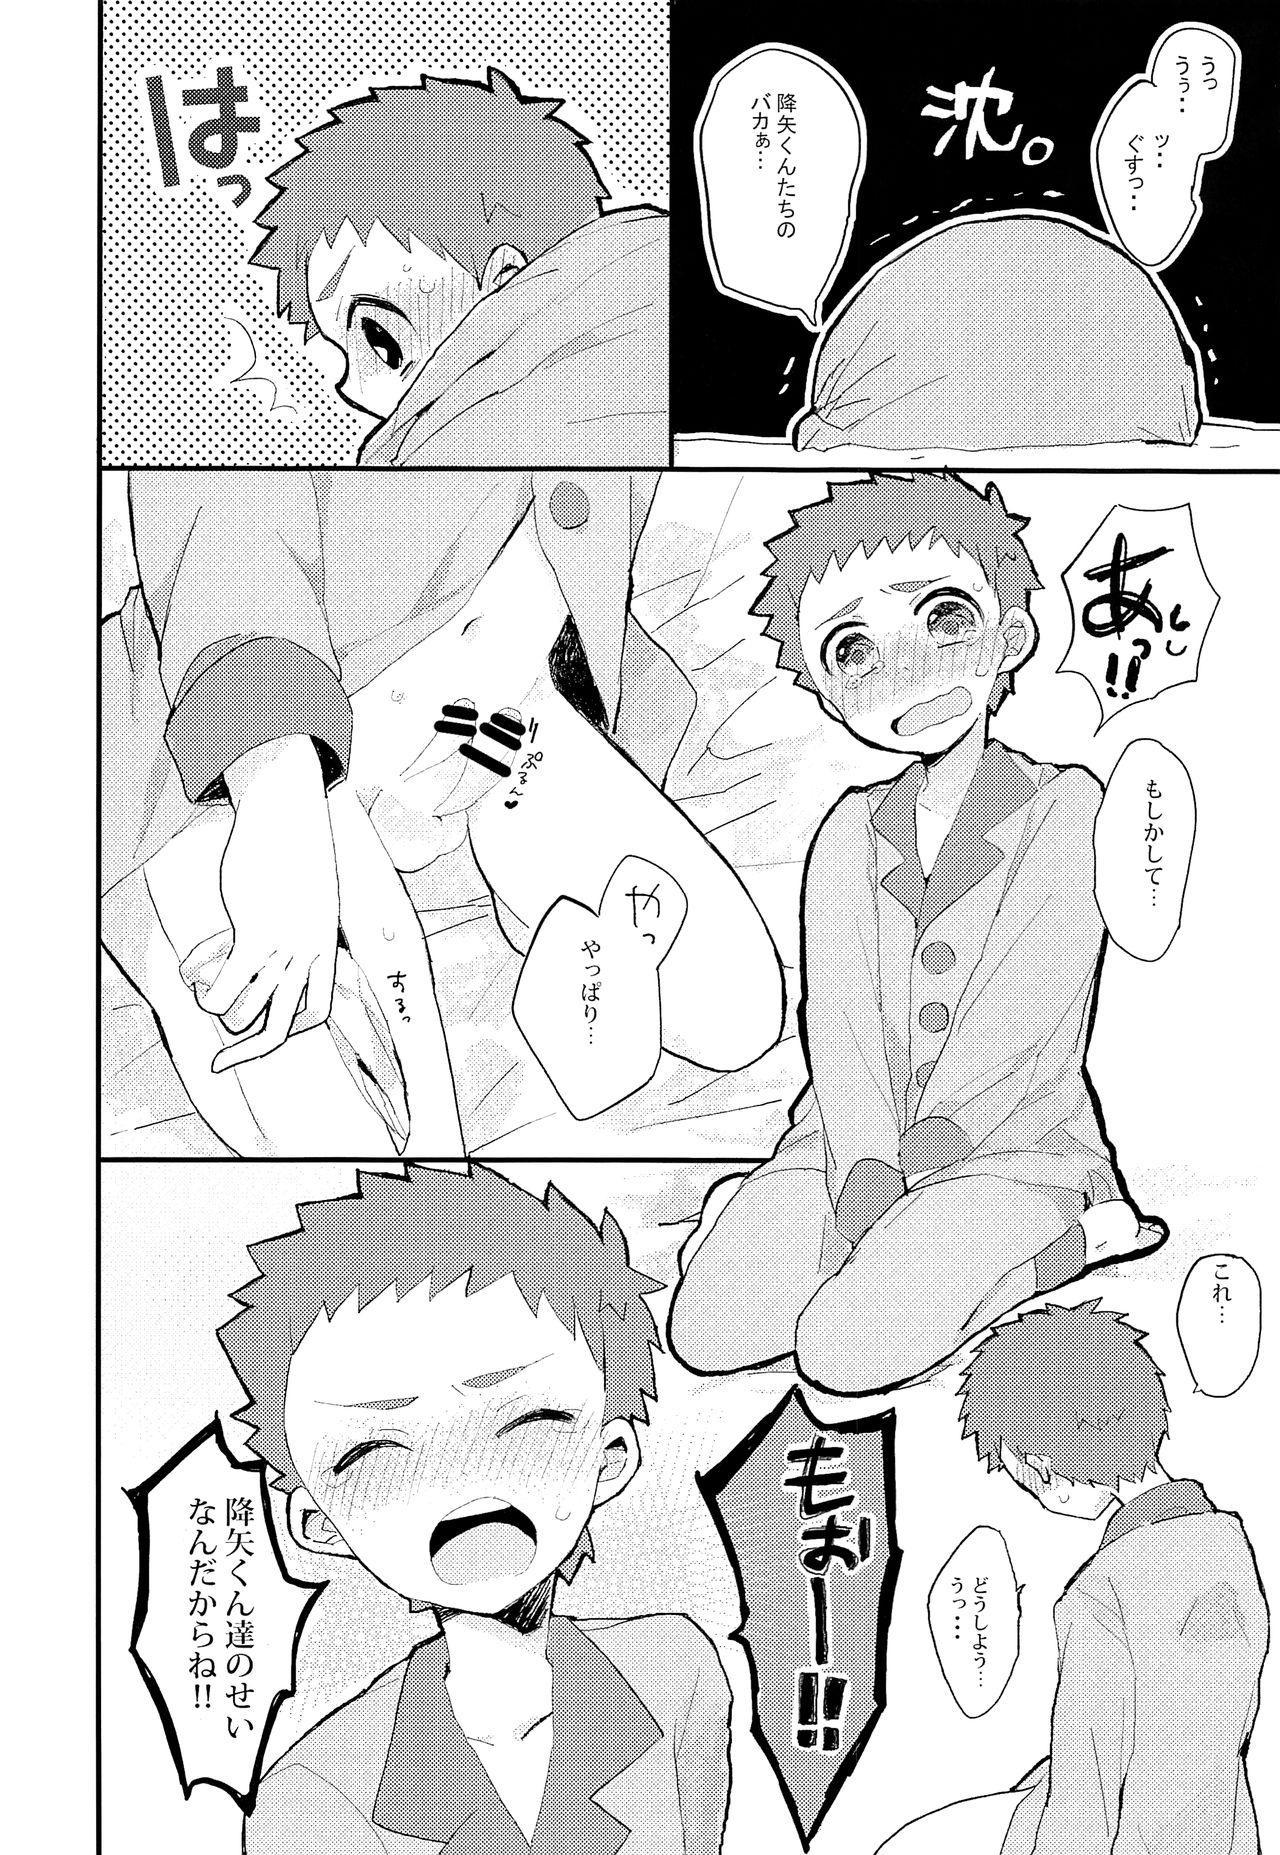 Himitsu no daisuki 6